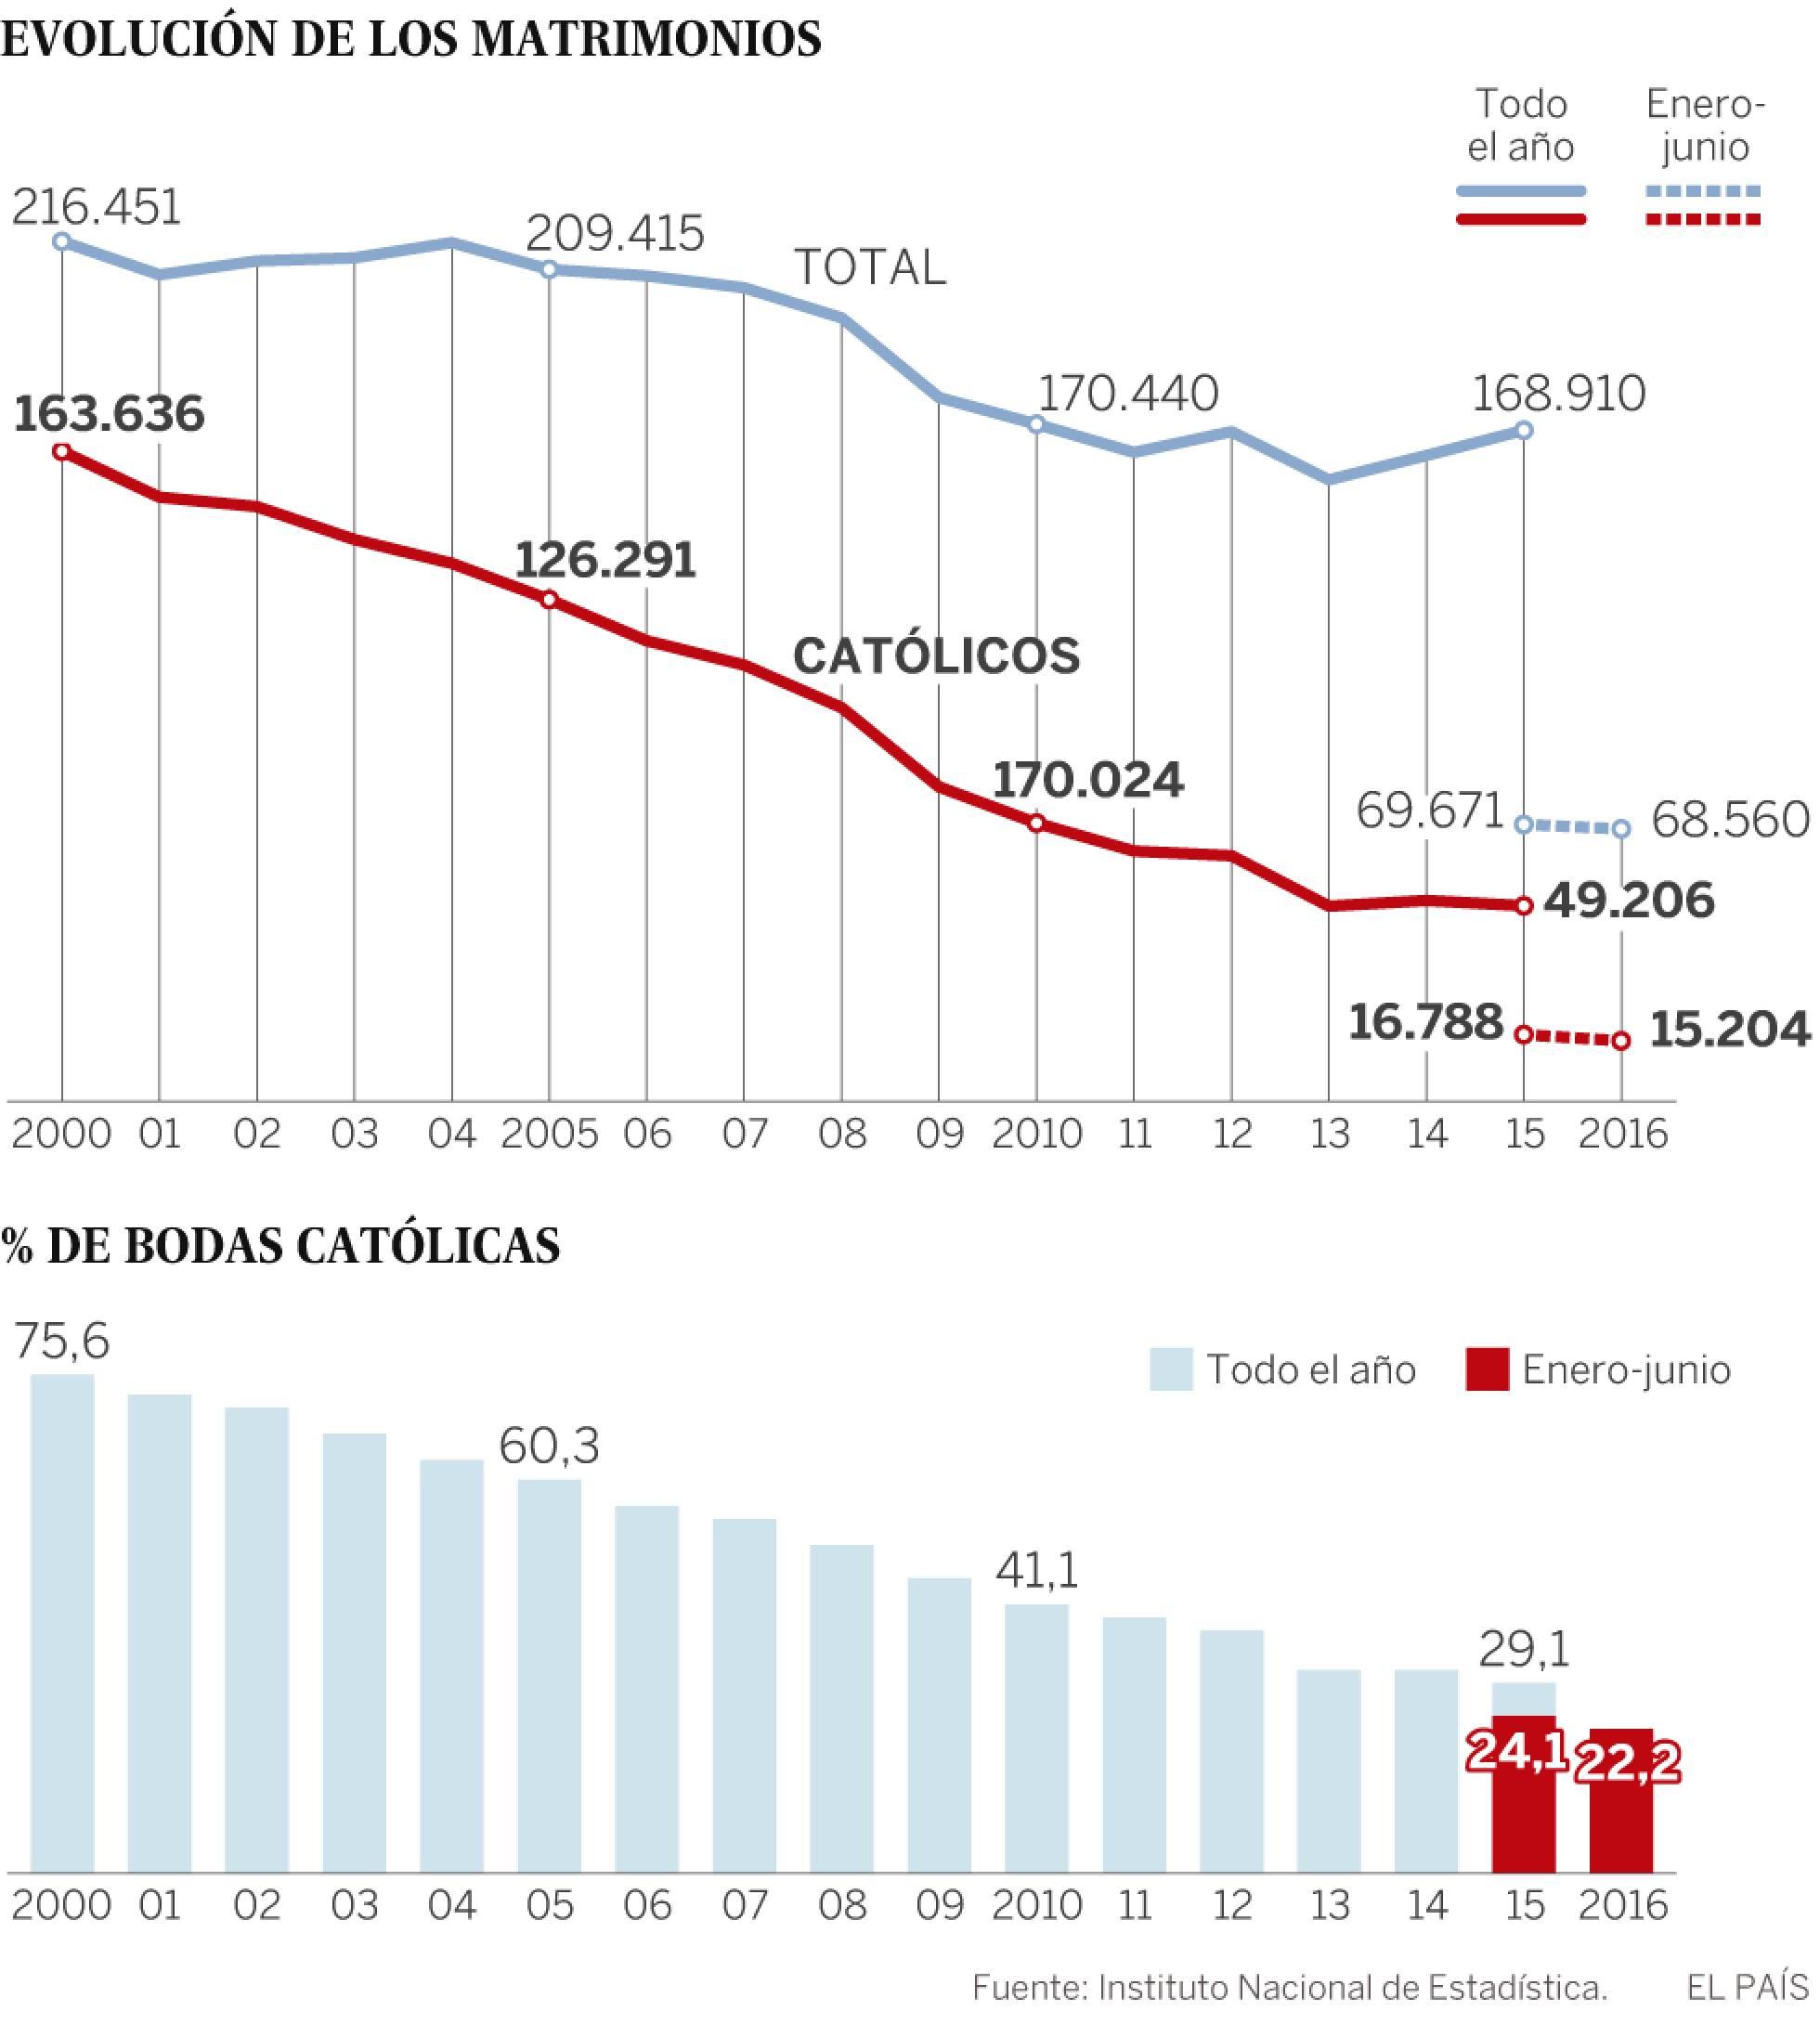 Demografía. España: fecundidad, nupcialidad, natalidad, esperanza media de vida.  - Página 2 1482162082_252517_1482169060_sumario_normal_recorte1